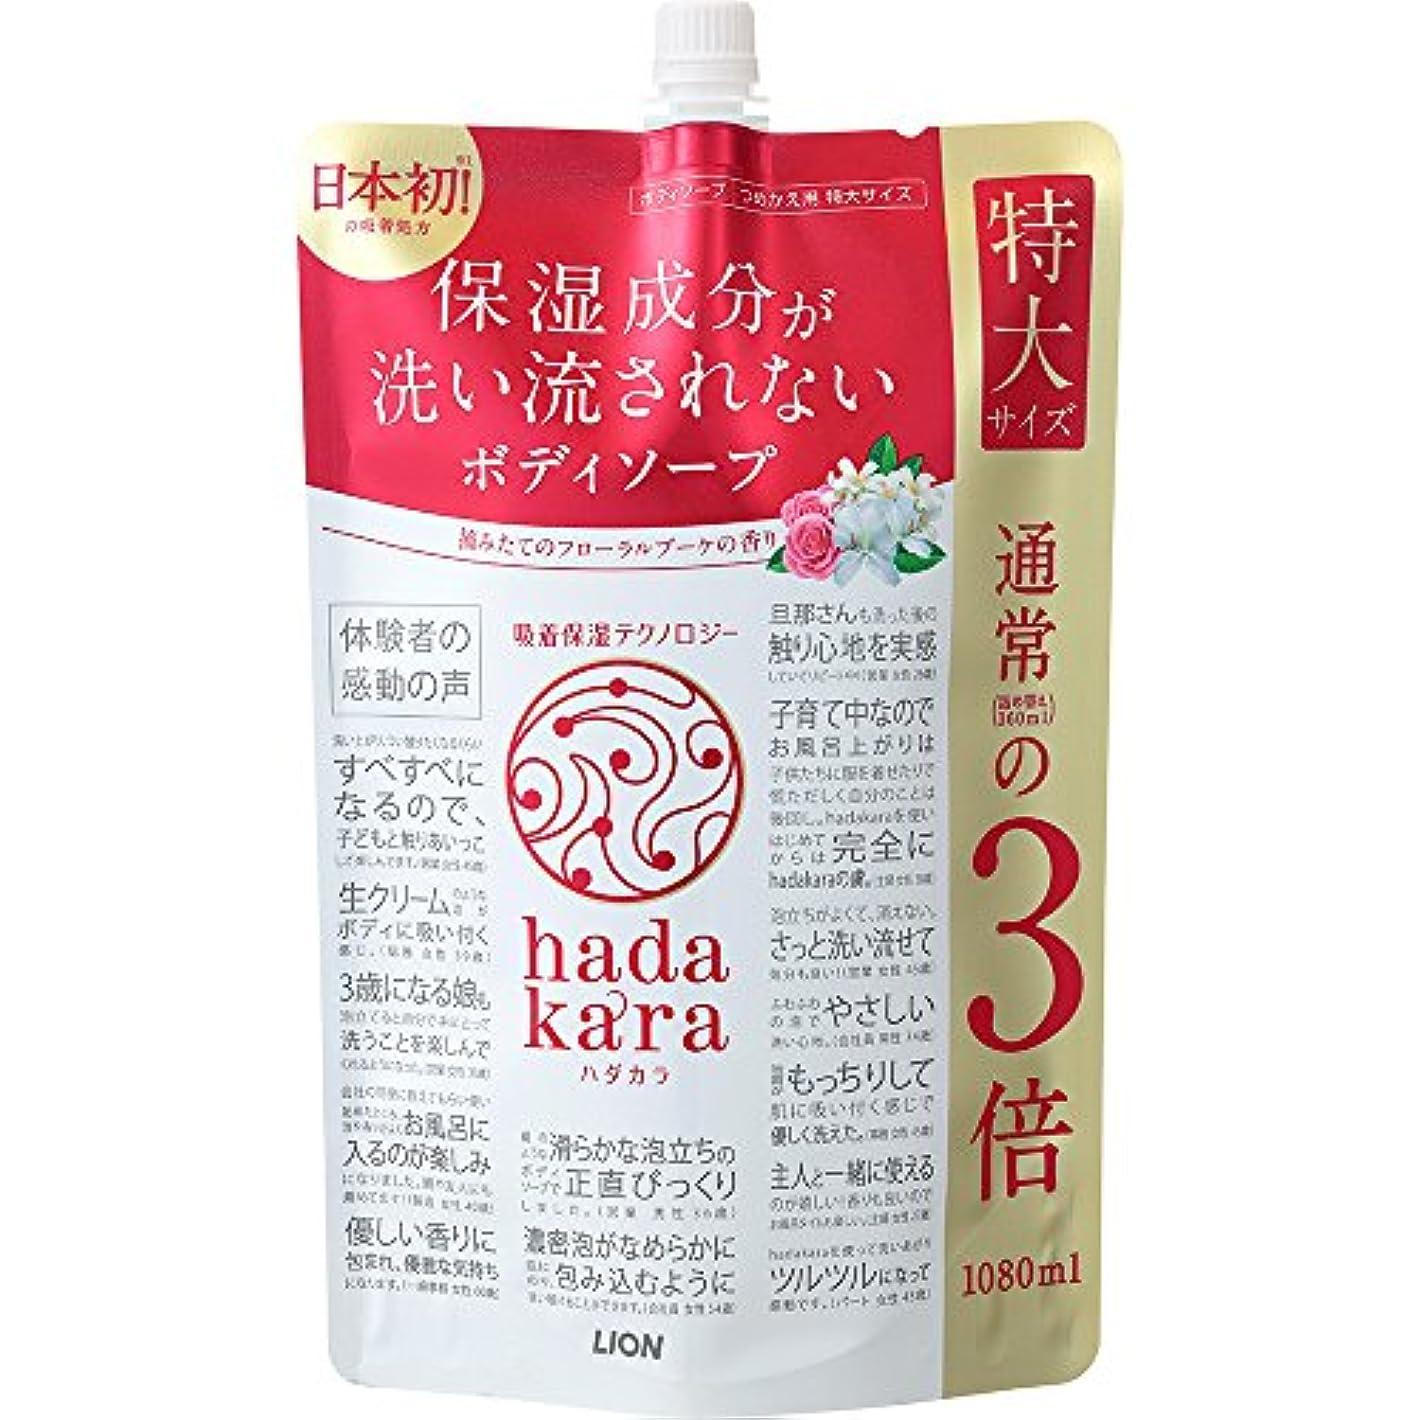 コンセンサス囲むビジュアル【大容量】hadakara(ハダカラ) ボディソープ フローラルブーケの香り 詰め替え 特大 1080ml